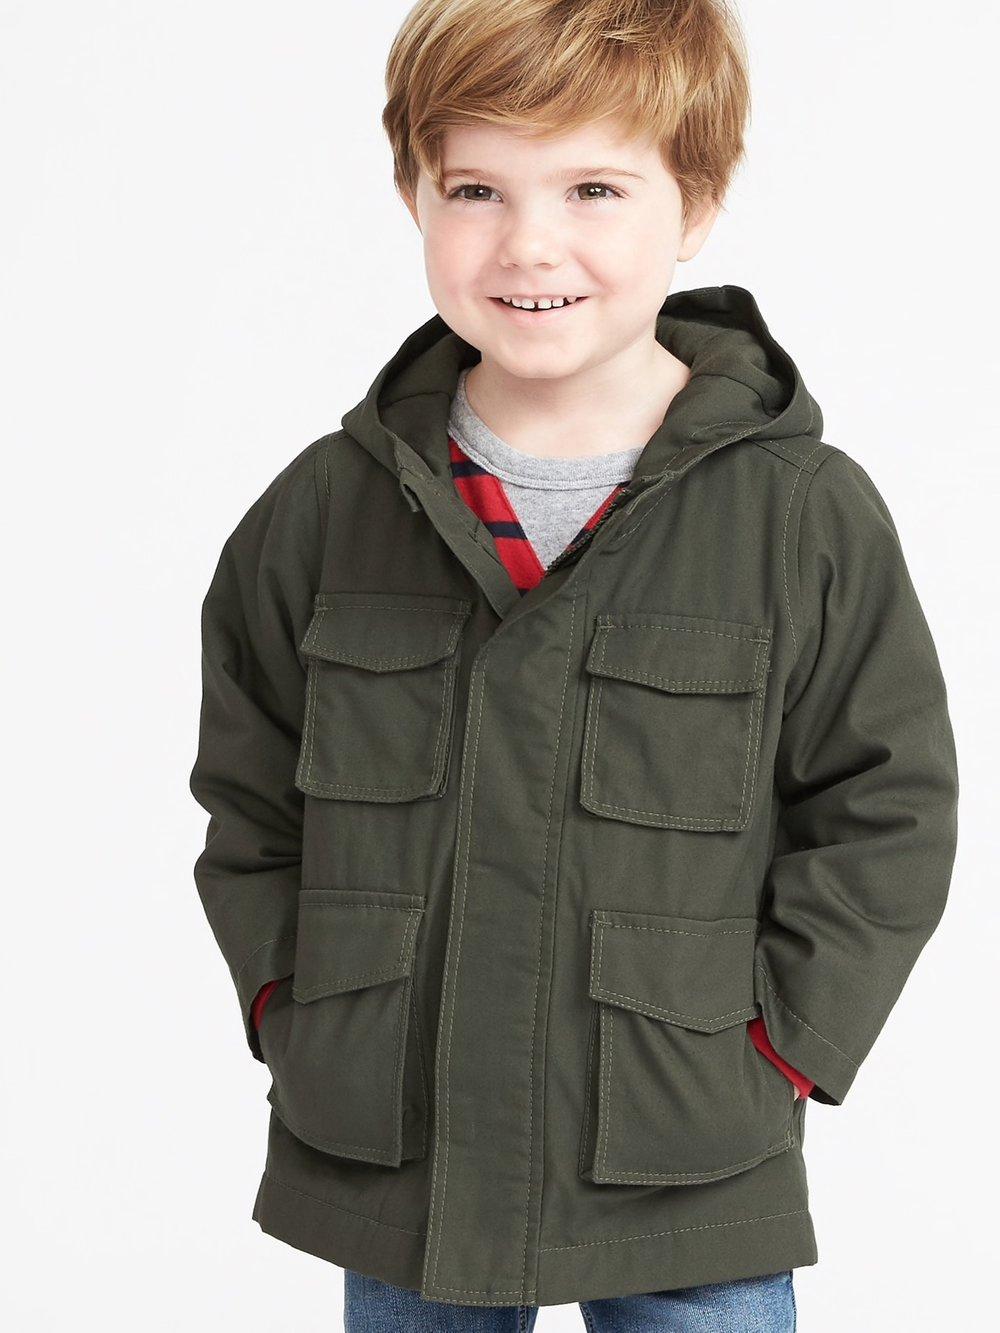 boys utility jacket.jpg